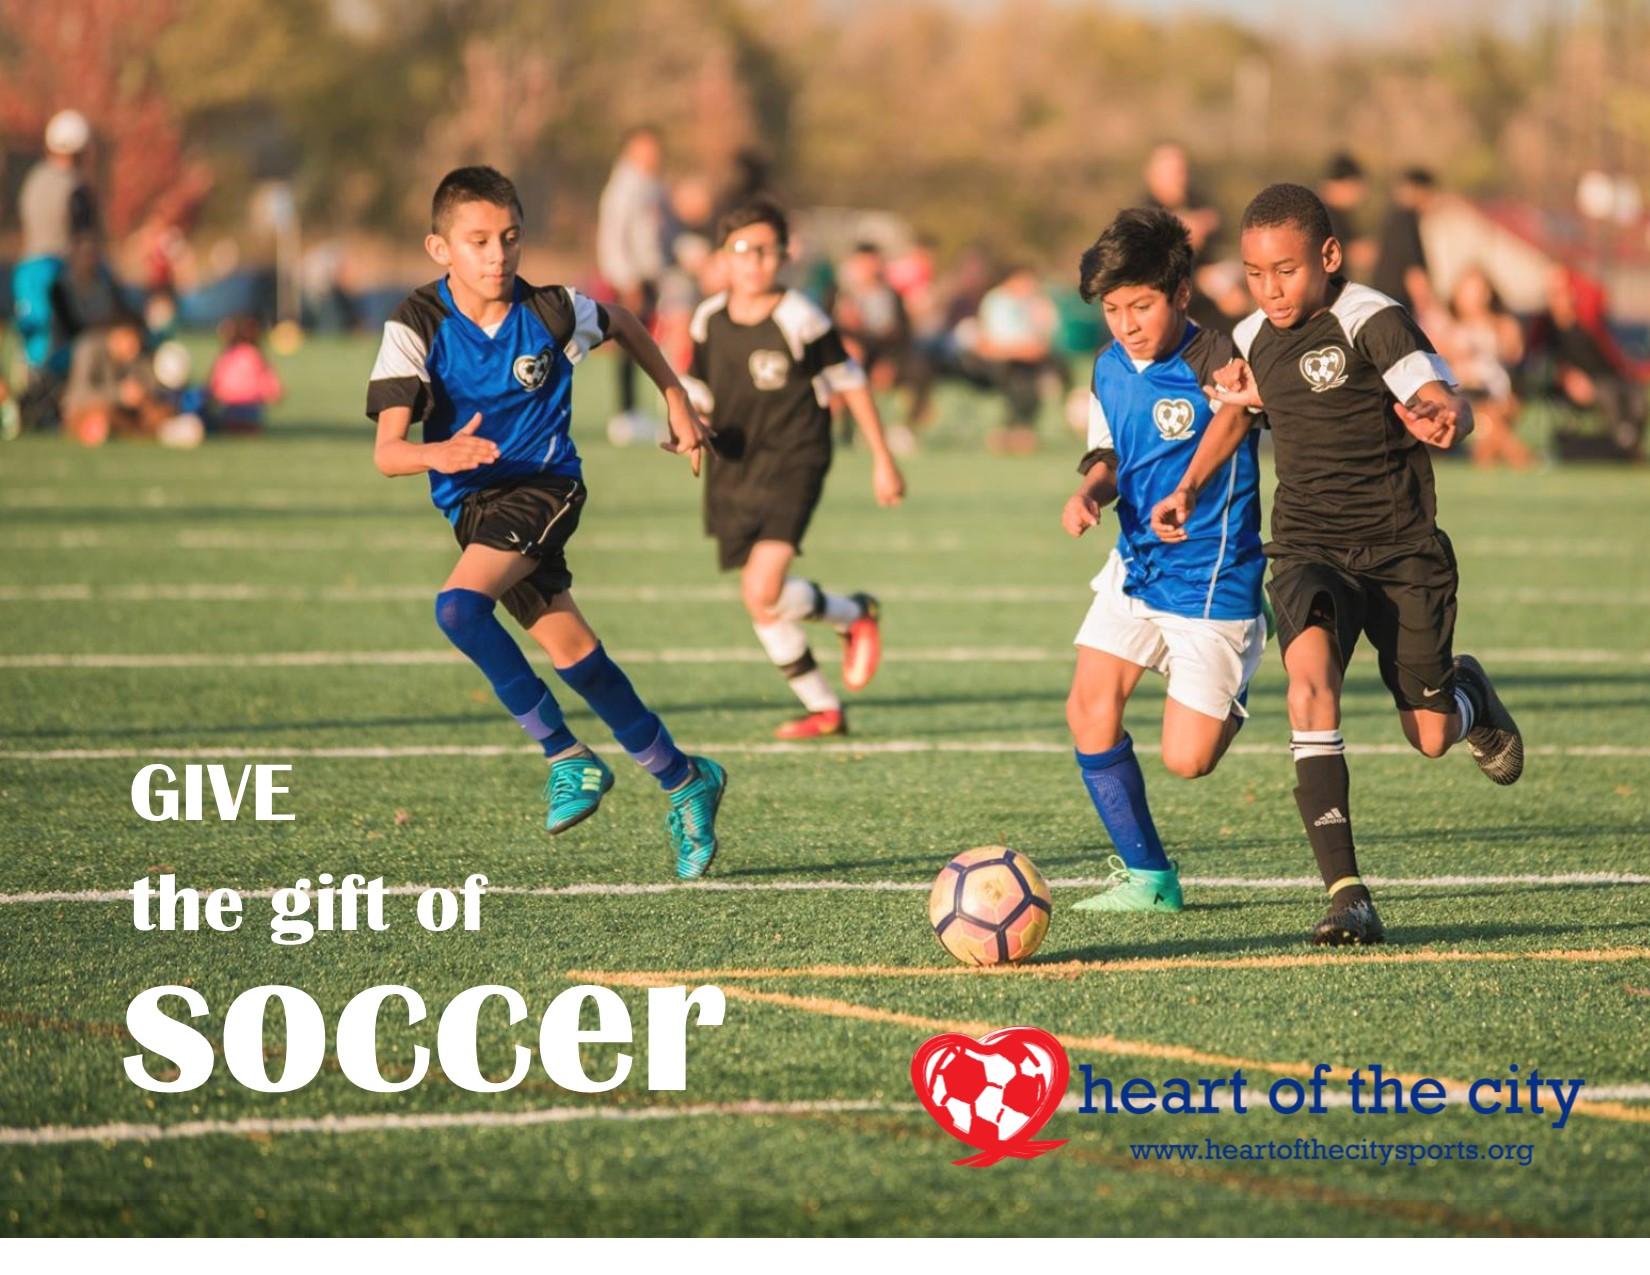 Gift of Soccer